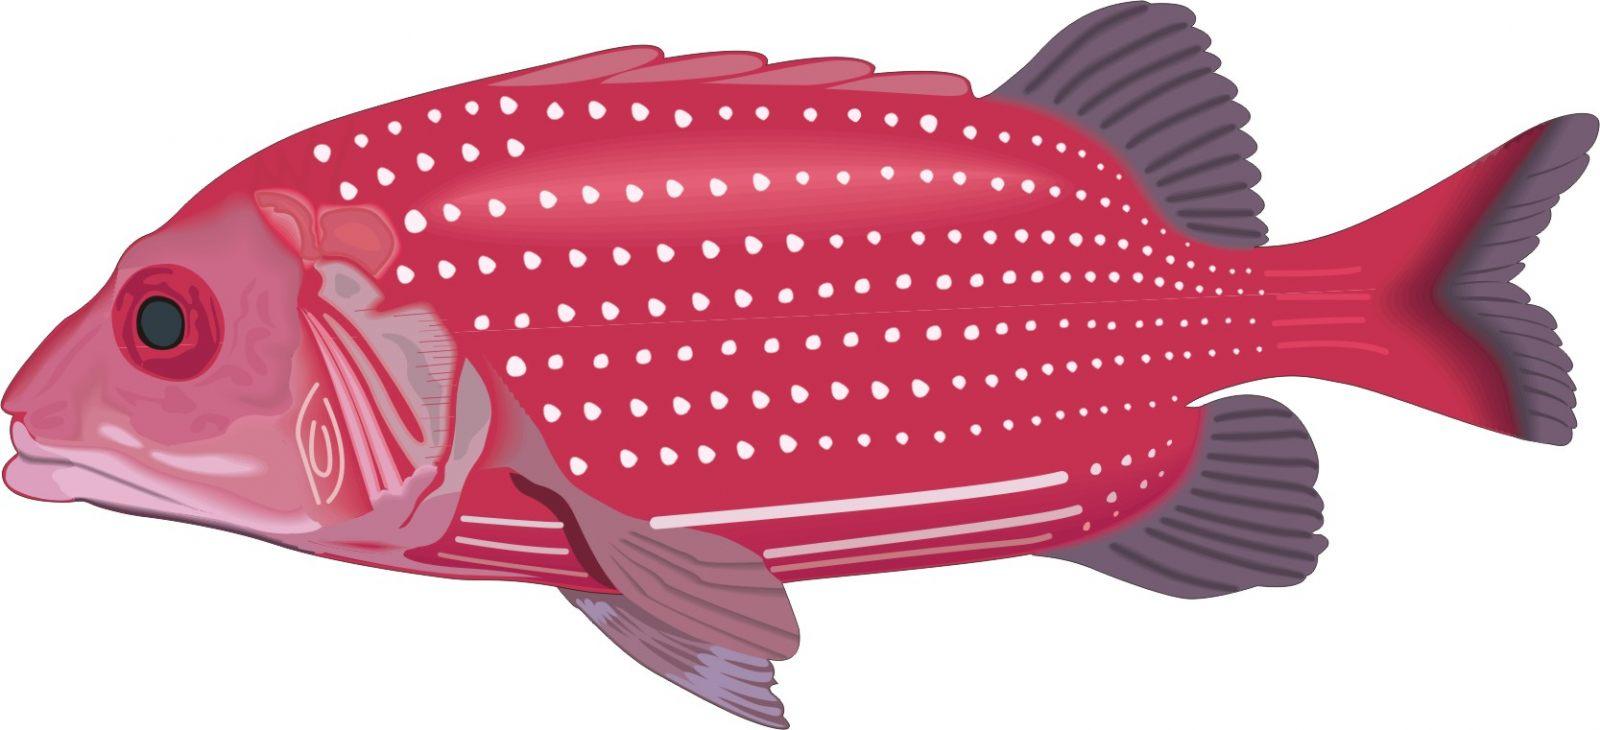 Desenho Realista De Um Peixe Fotos E Imagens